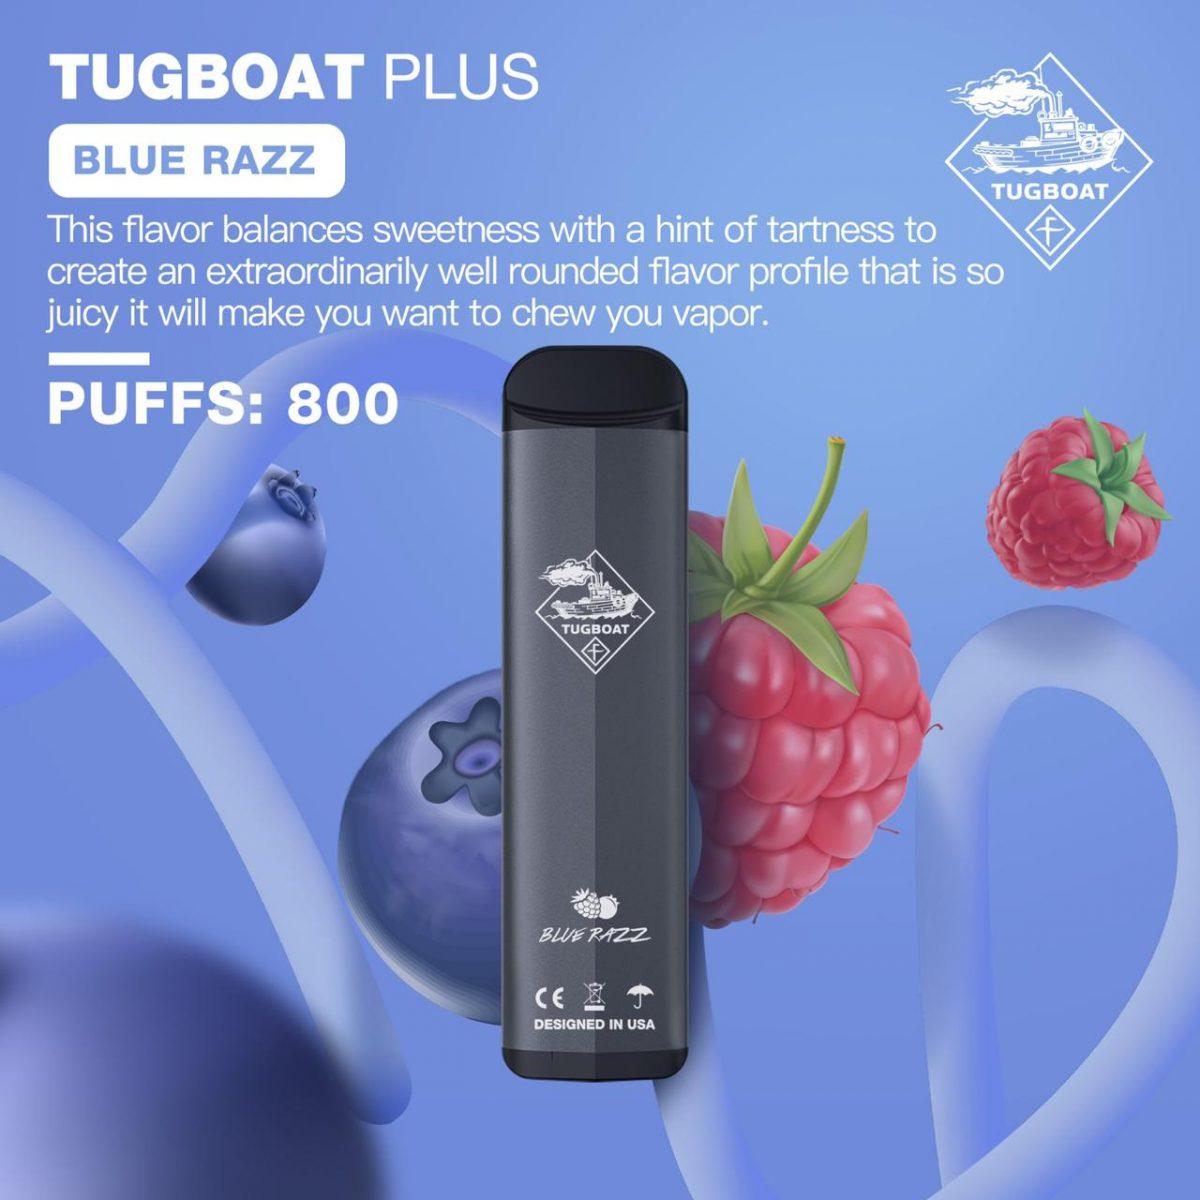 TUGBOAT PLUS BLUE RAZZ IN DUBAI/UAE